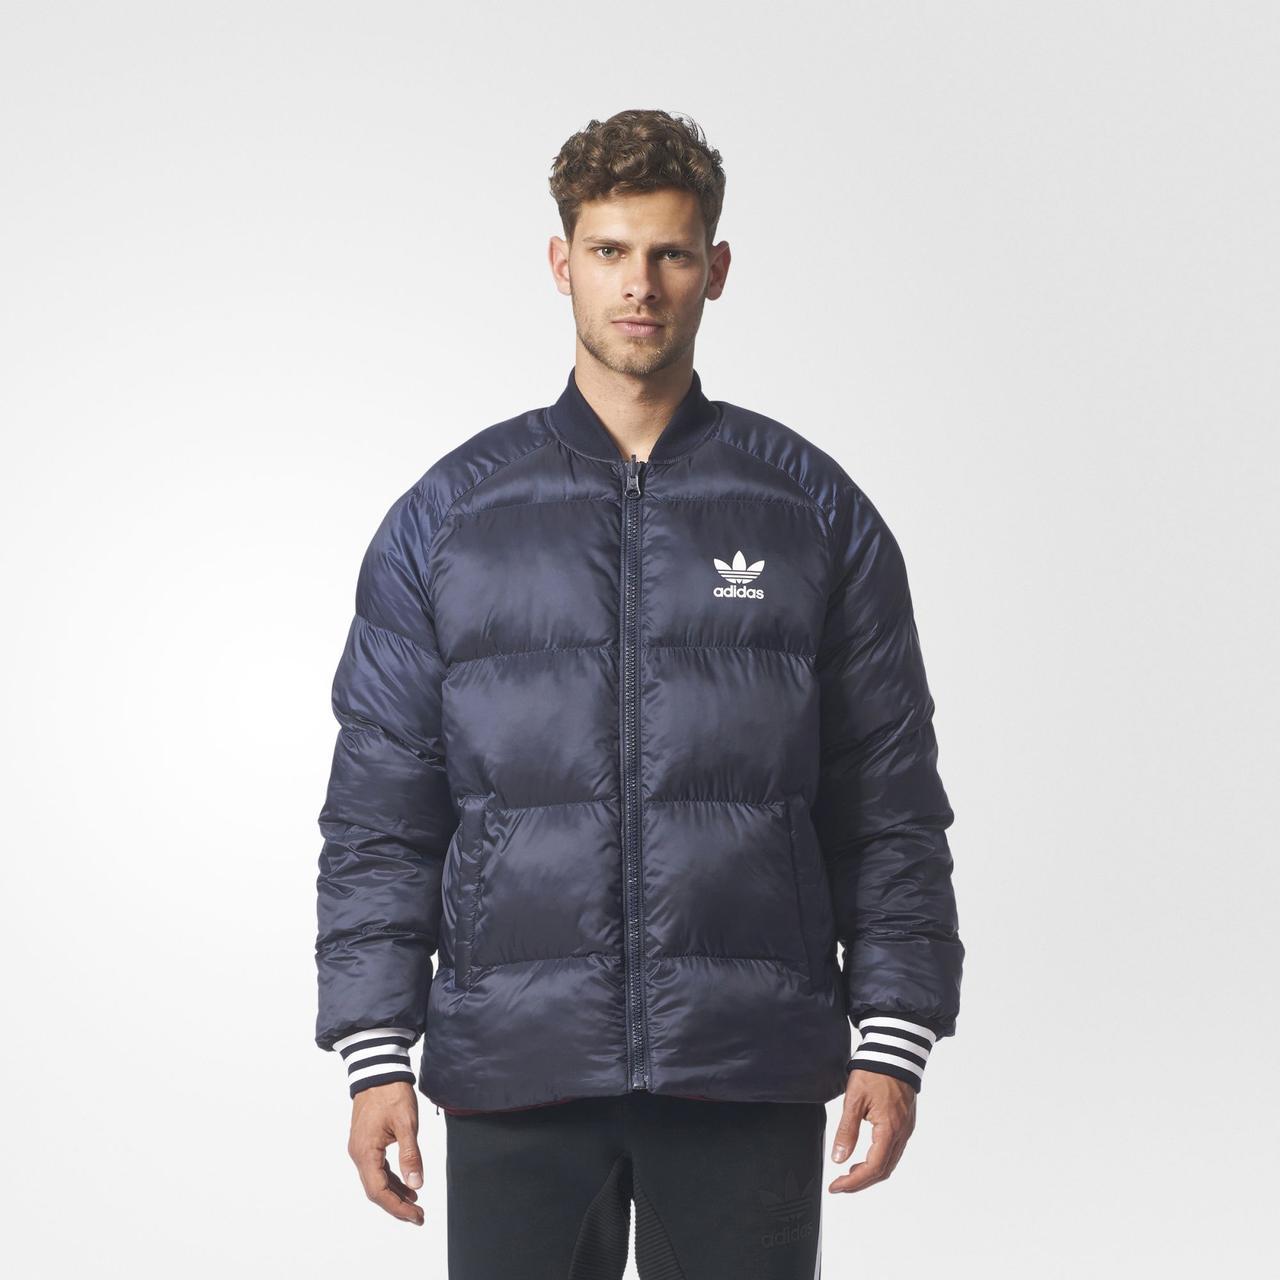 720c79d74fd6 Мужская куртка Adidas Originals SST (Артикул  BR4795) - Интернет-магазин  «Эксперт